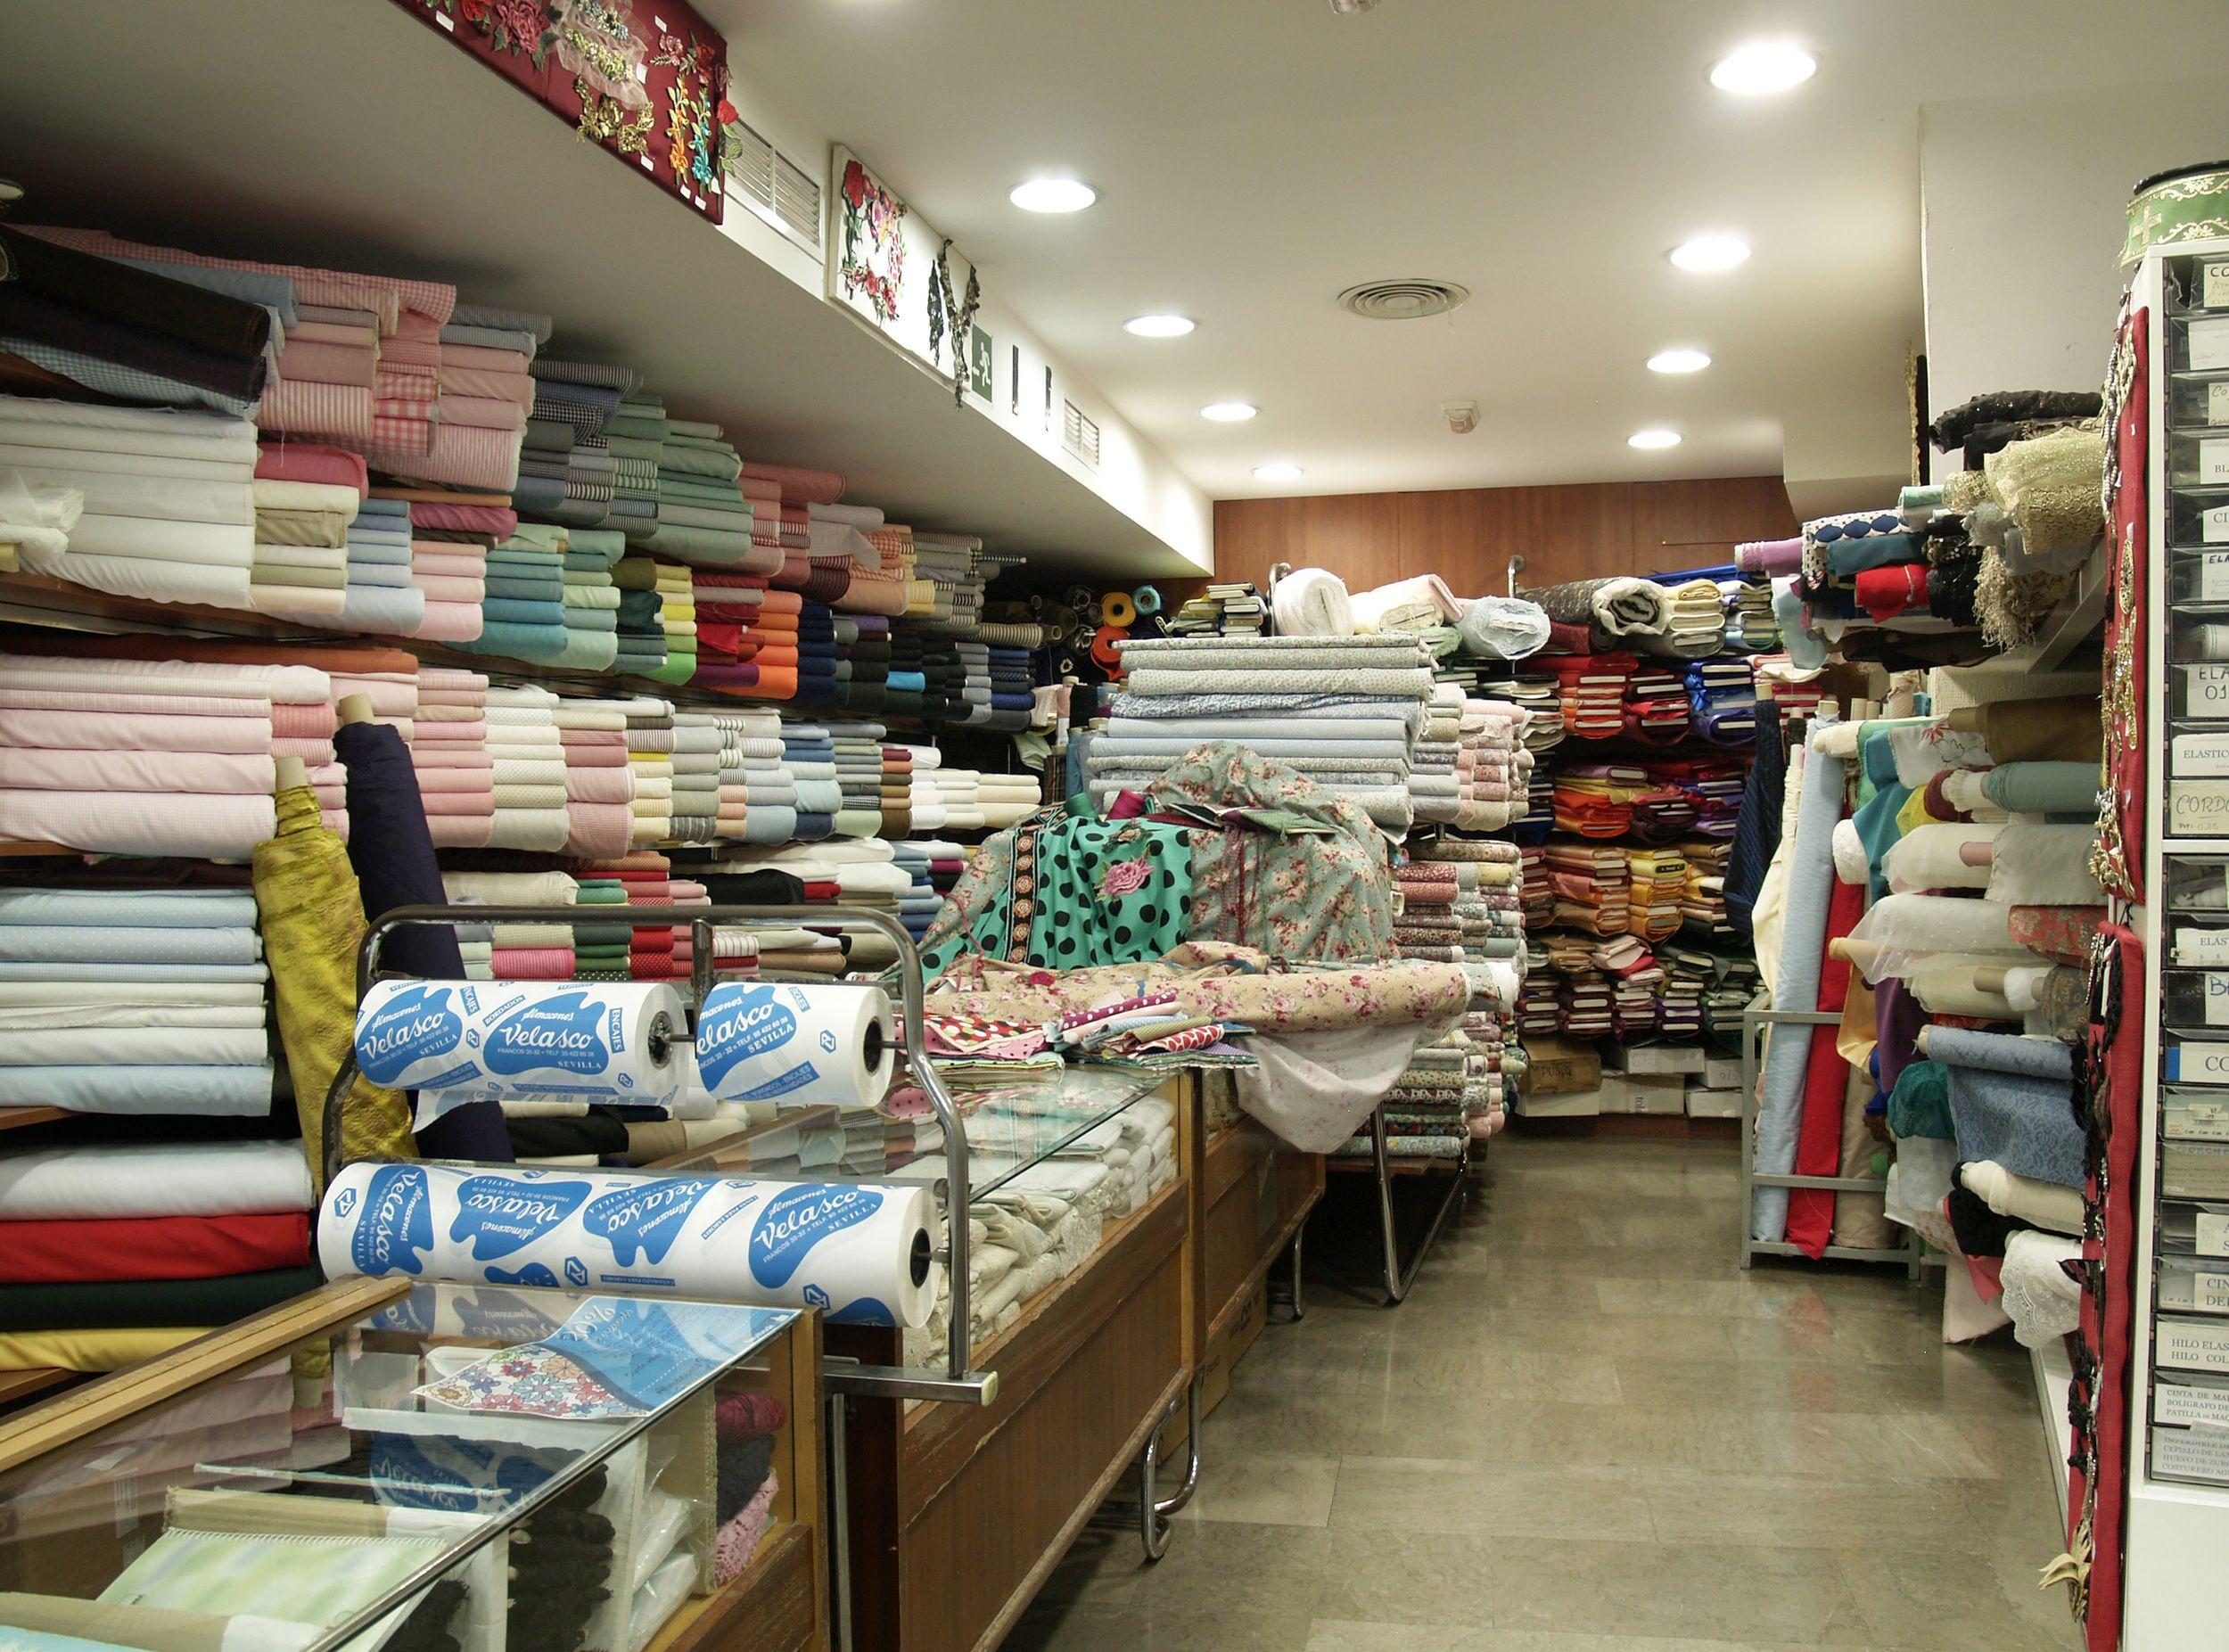 Tienda de venta de tejidos en Sevilla